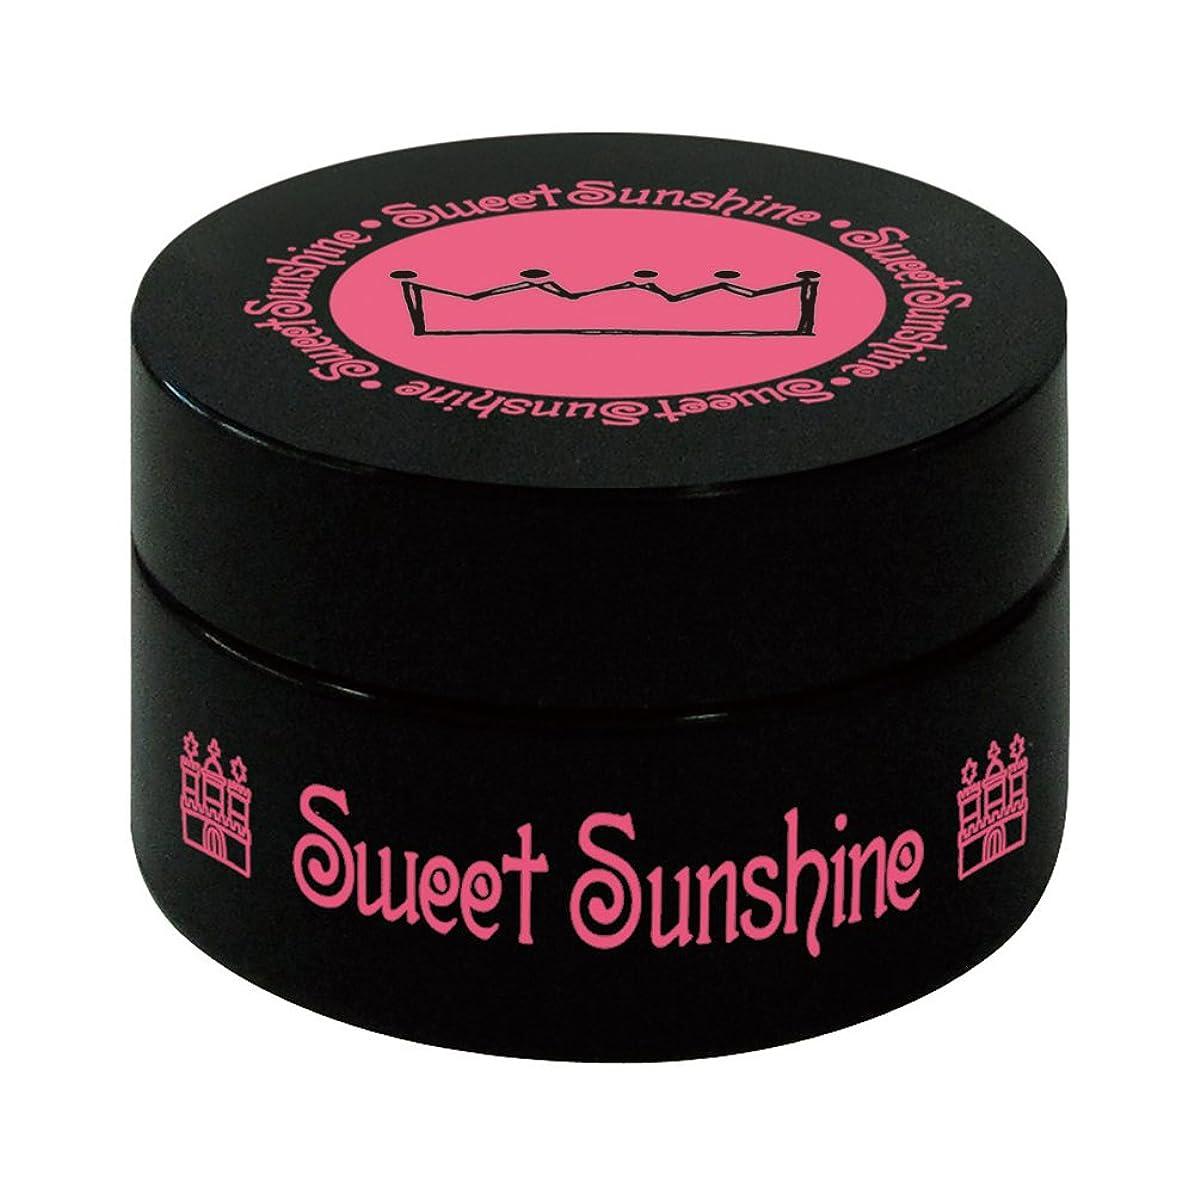 申込み狼怒り最速硬化LED対応 Sweet Sunshine スィート サンシャイン カラージェル SC-63 4g パールゴールド